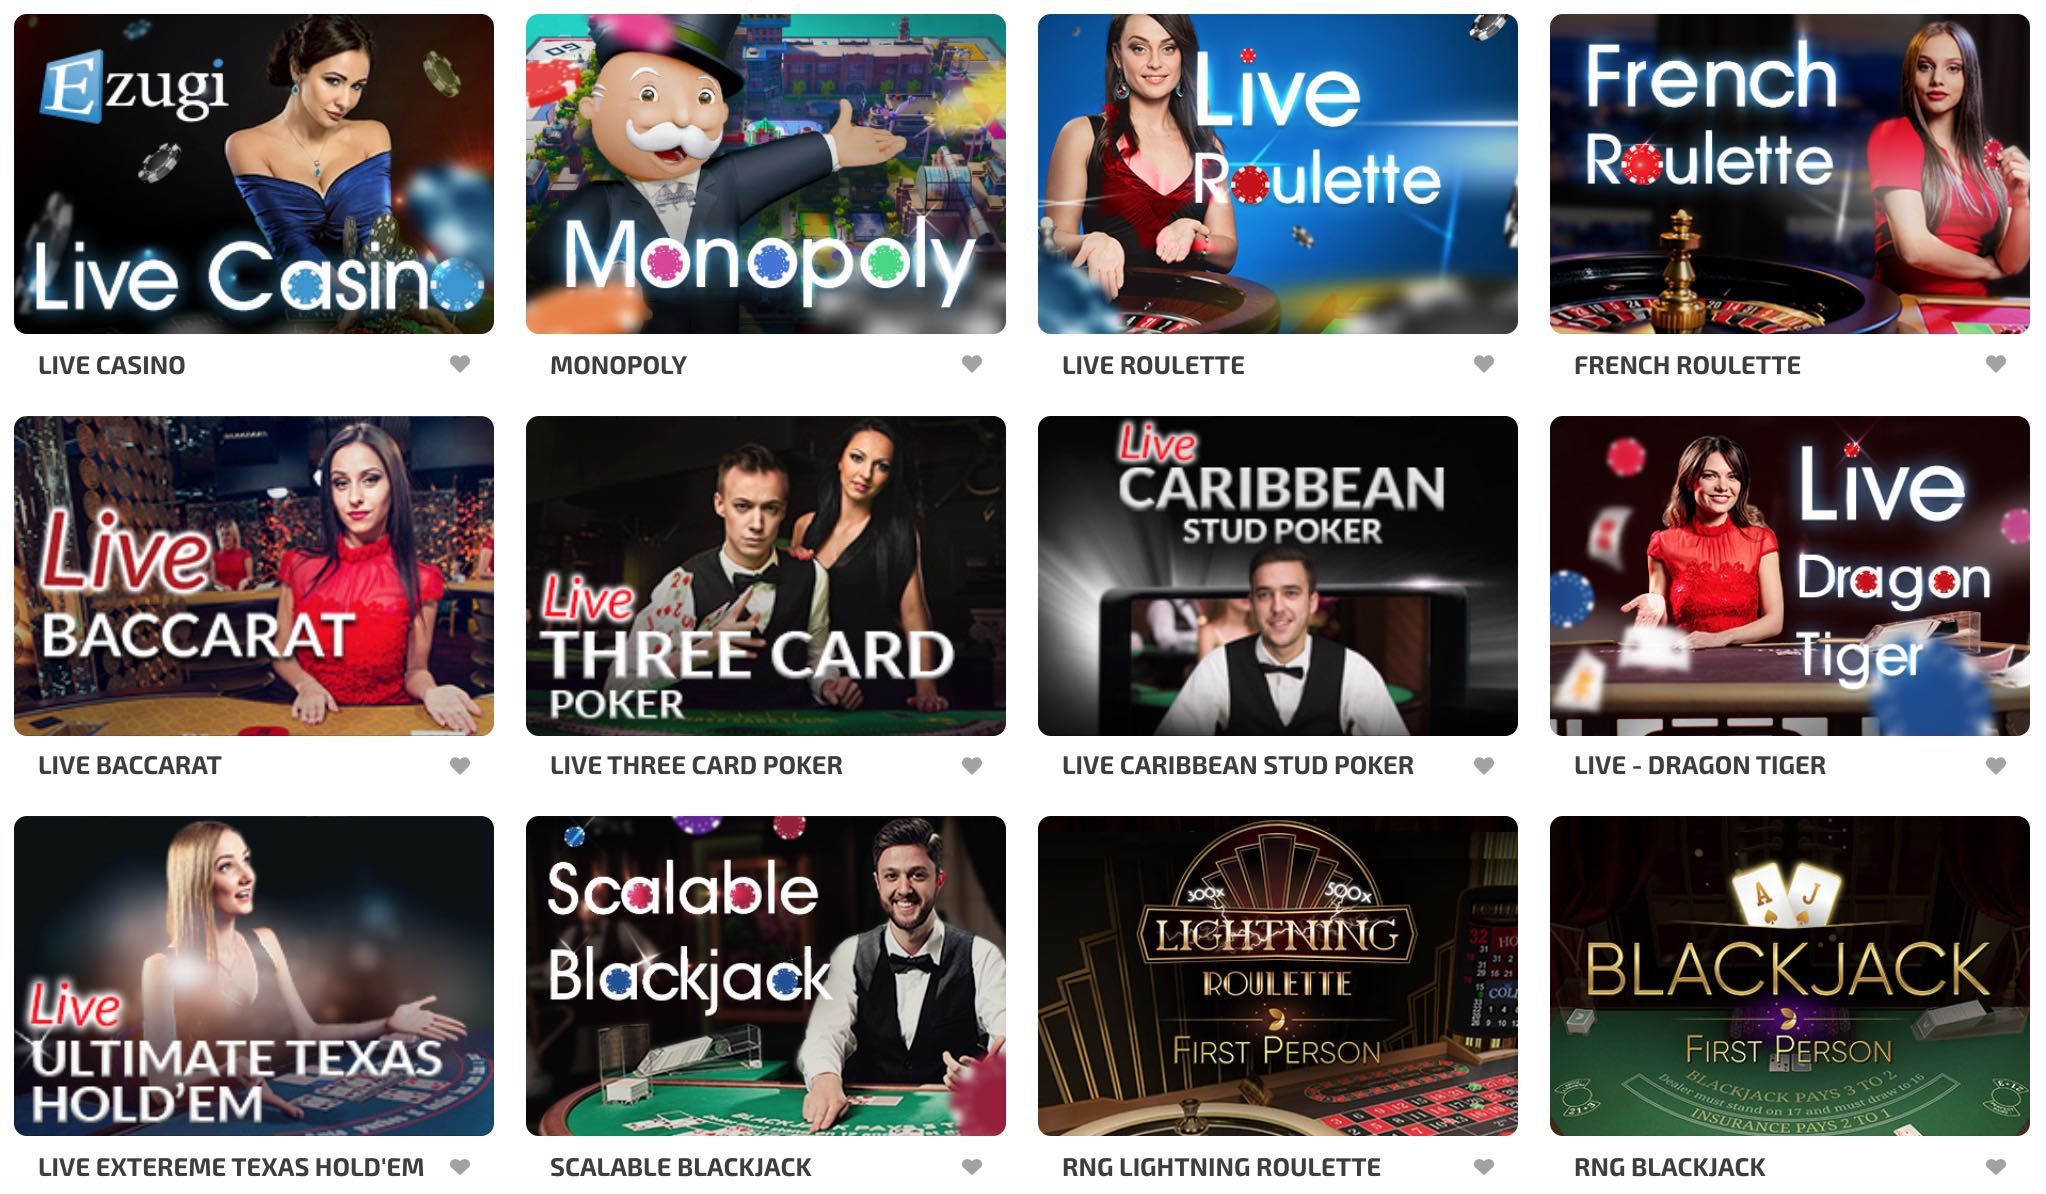 Live Casino Tisch und Kartenspiele